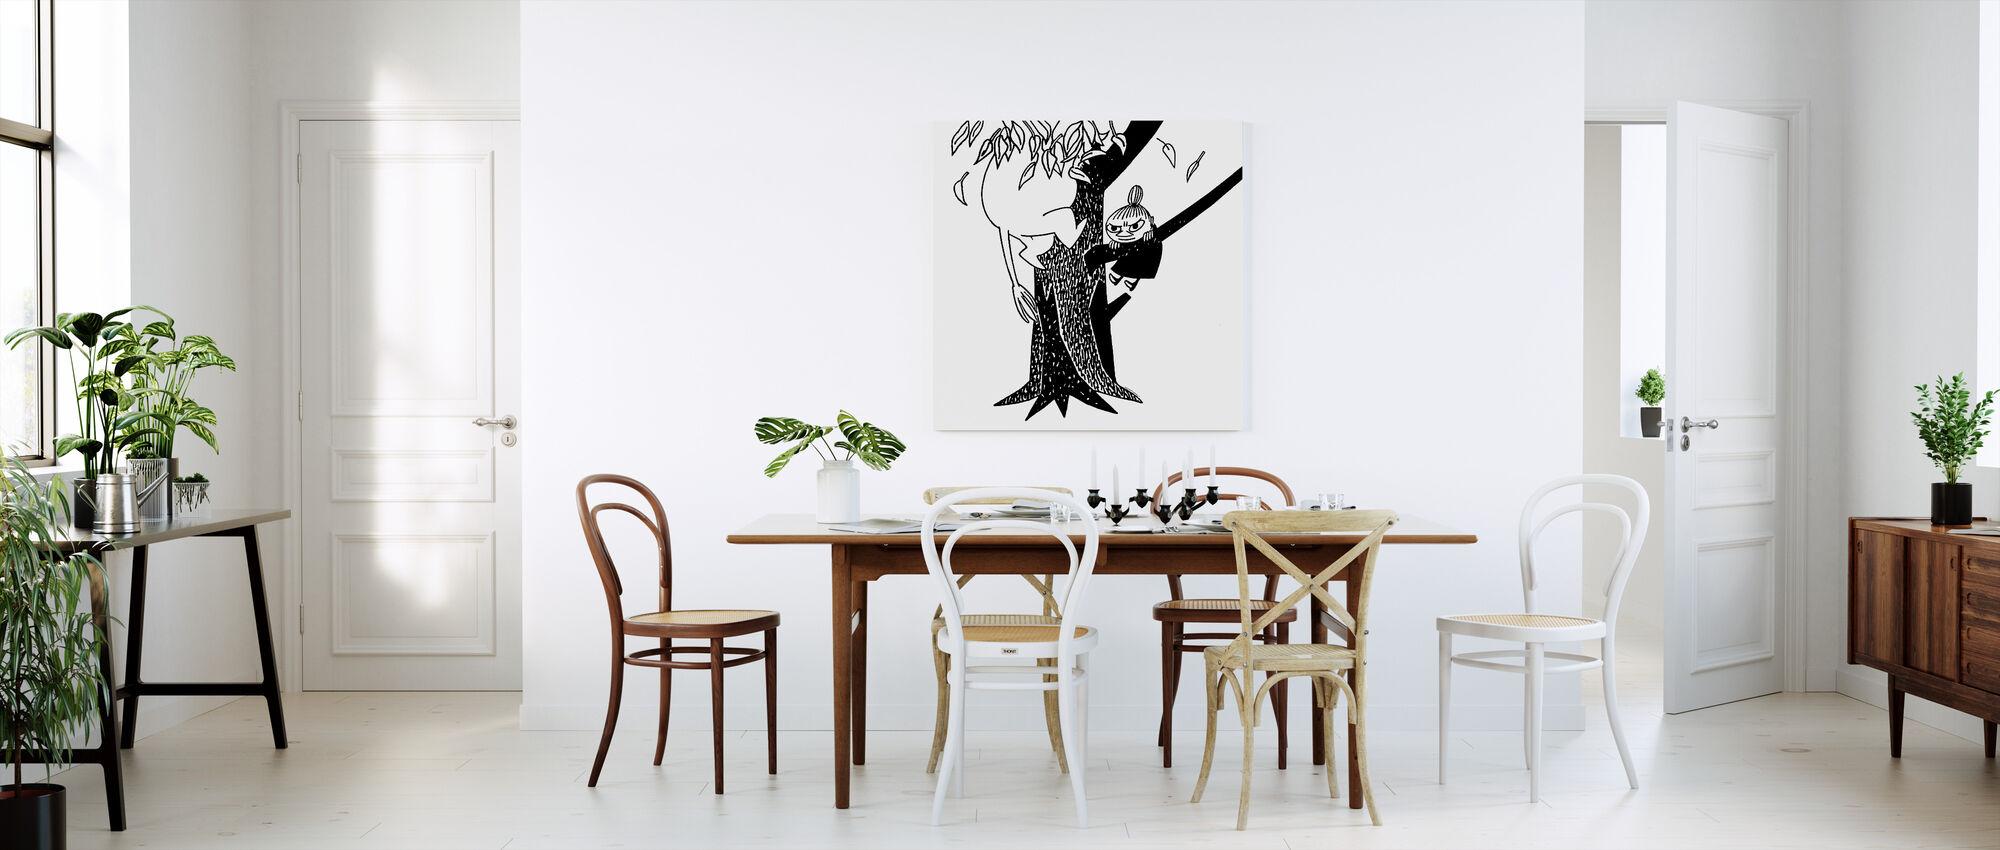 Mumin och lilla min klättring ett träd - Canvastavla - Kök